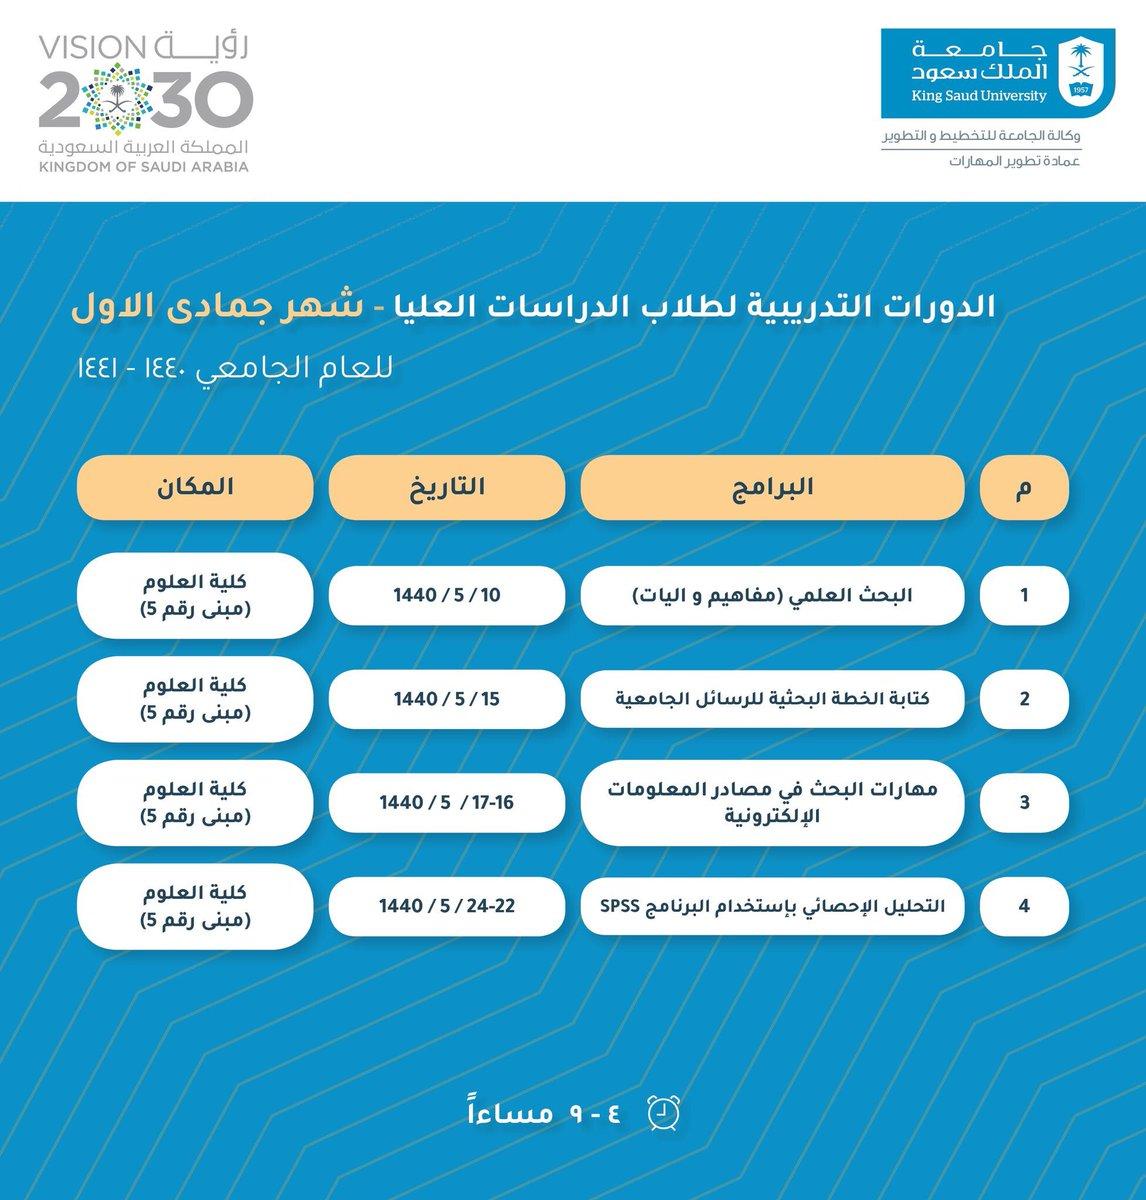 جامعة الملك سعود On Twitter عمادة تطوير المهارات تقدم دورات تدريبية لطلاب الدراسات العليا في شهر جمادى الأولى للتسجيل Https T Co 8oyechbwve Https T Co 5gkwpdtu8x